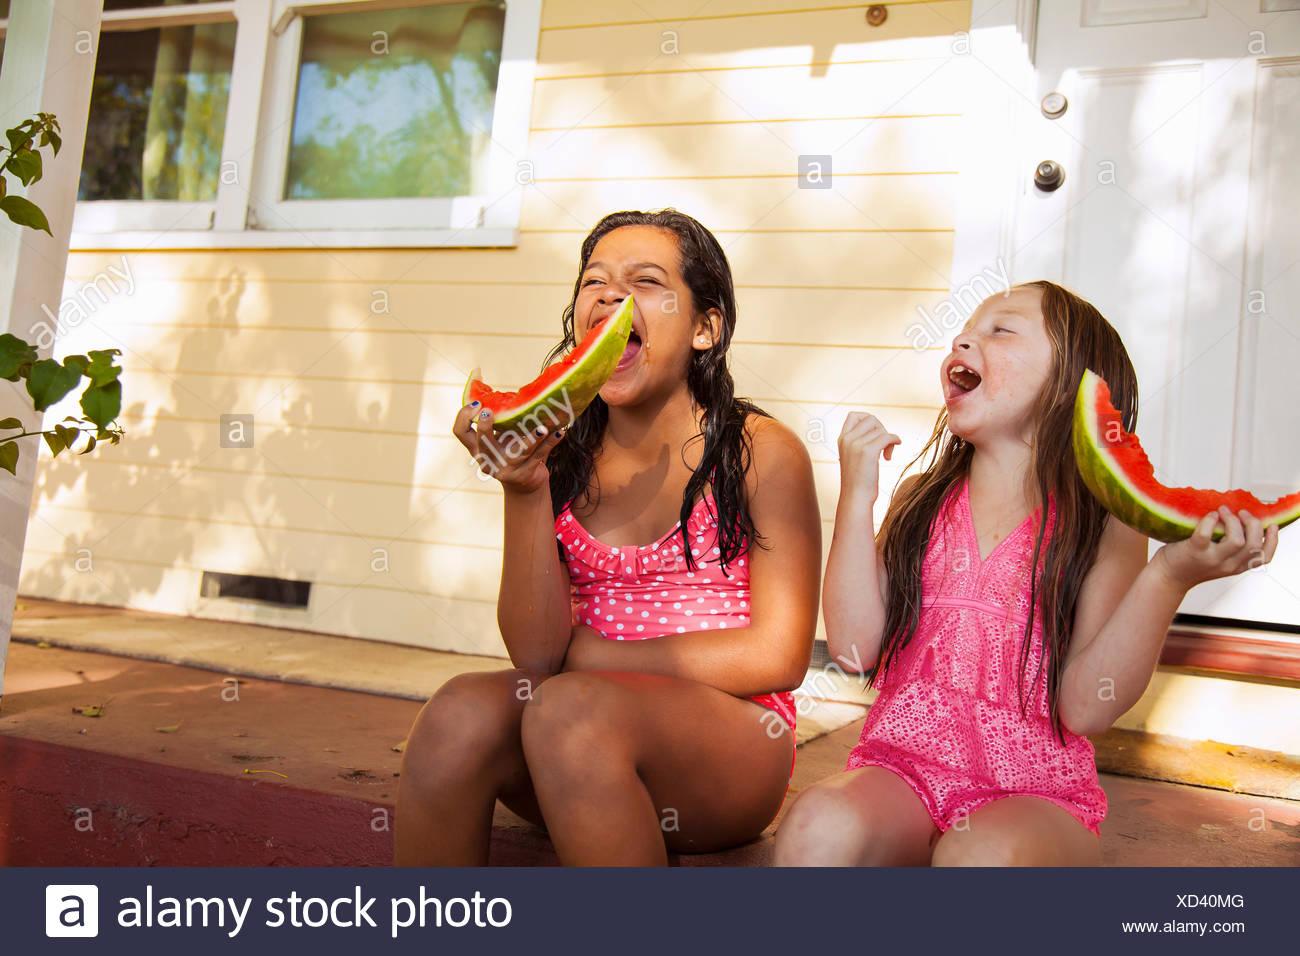 Deux filles rire assis sur le porche de la chambre avec des tranches de melon d'eau Banque D'Images